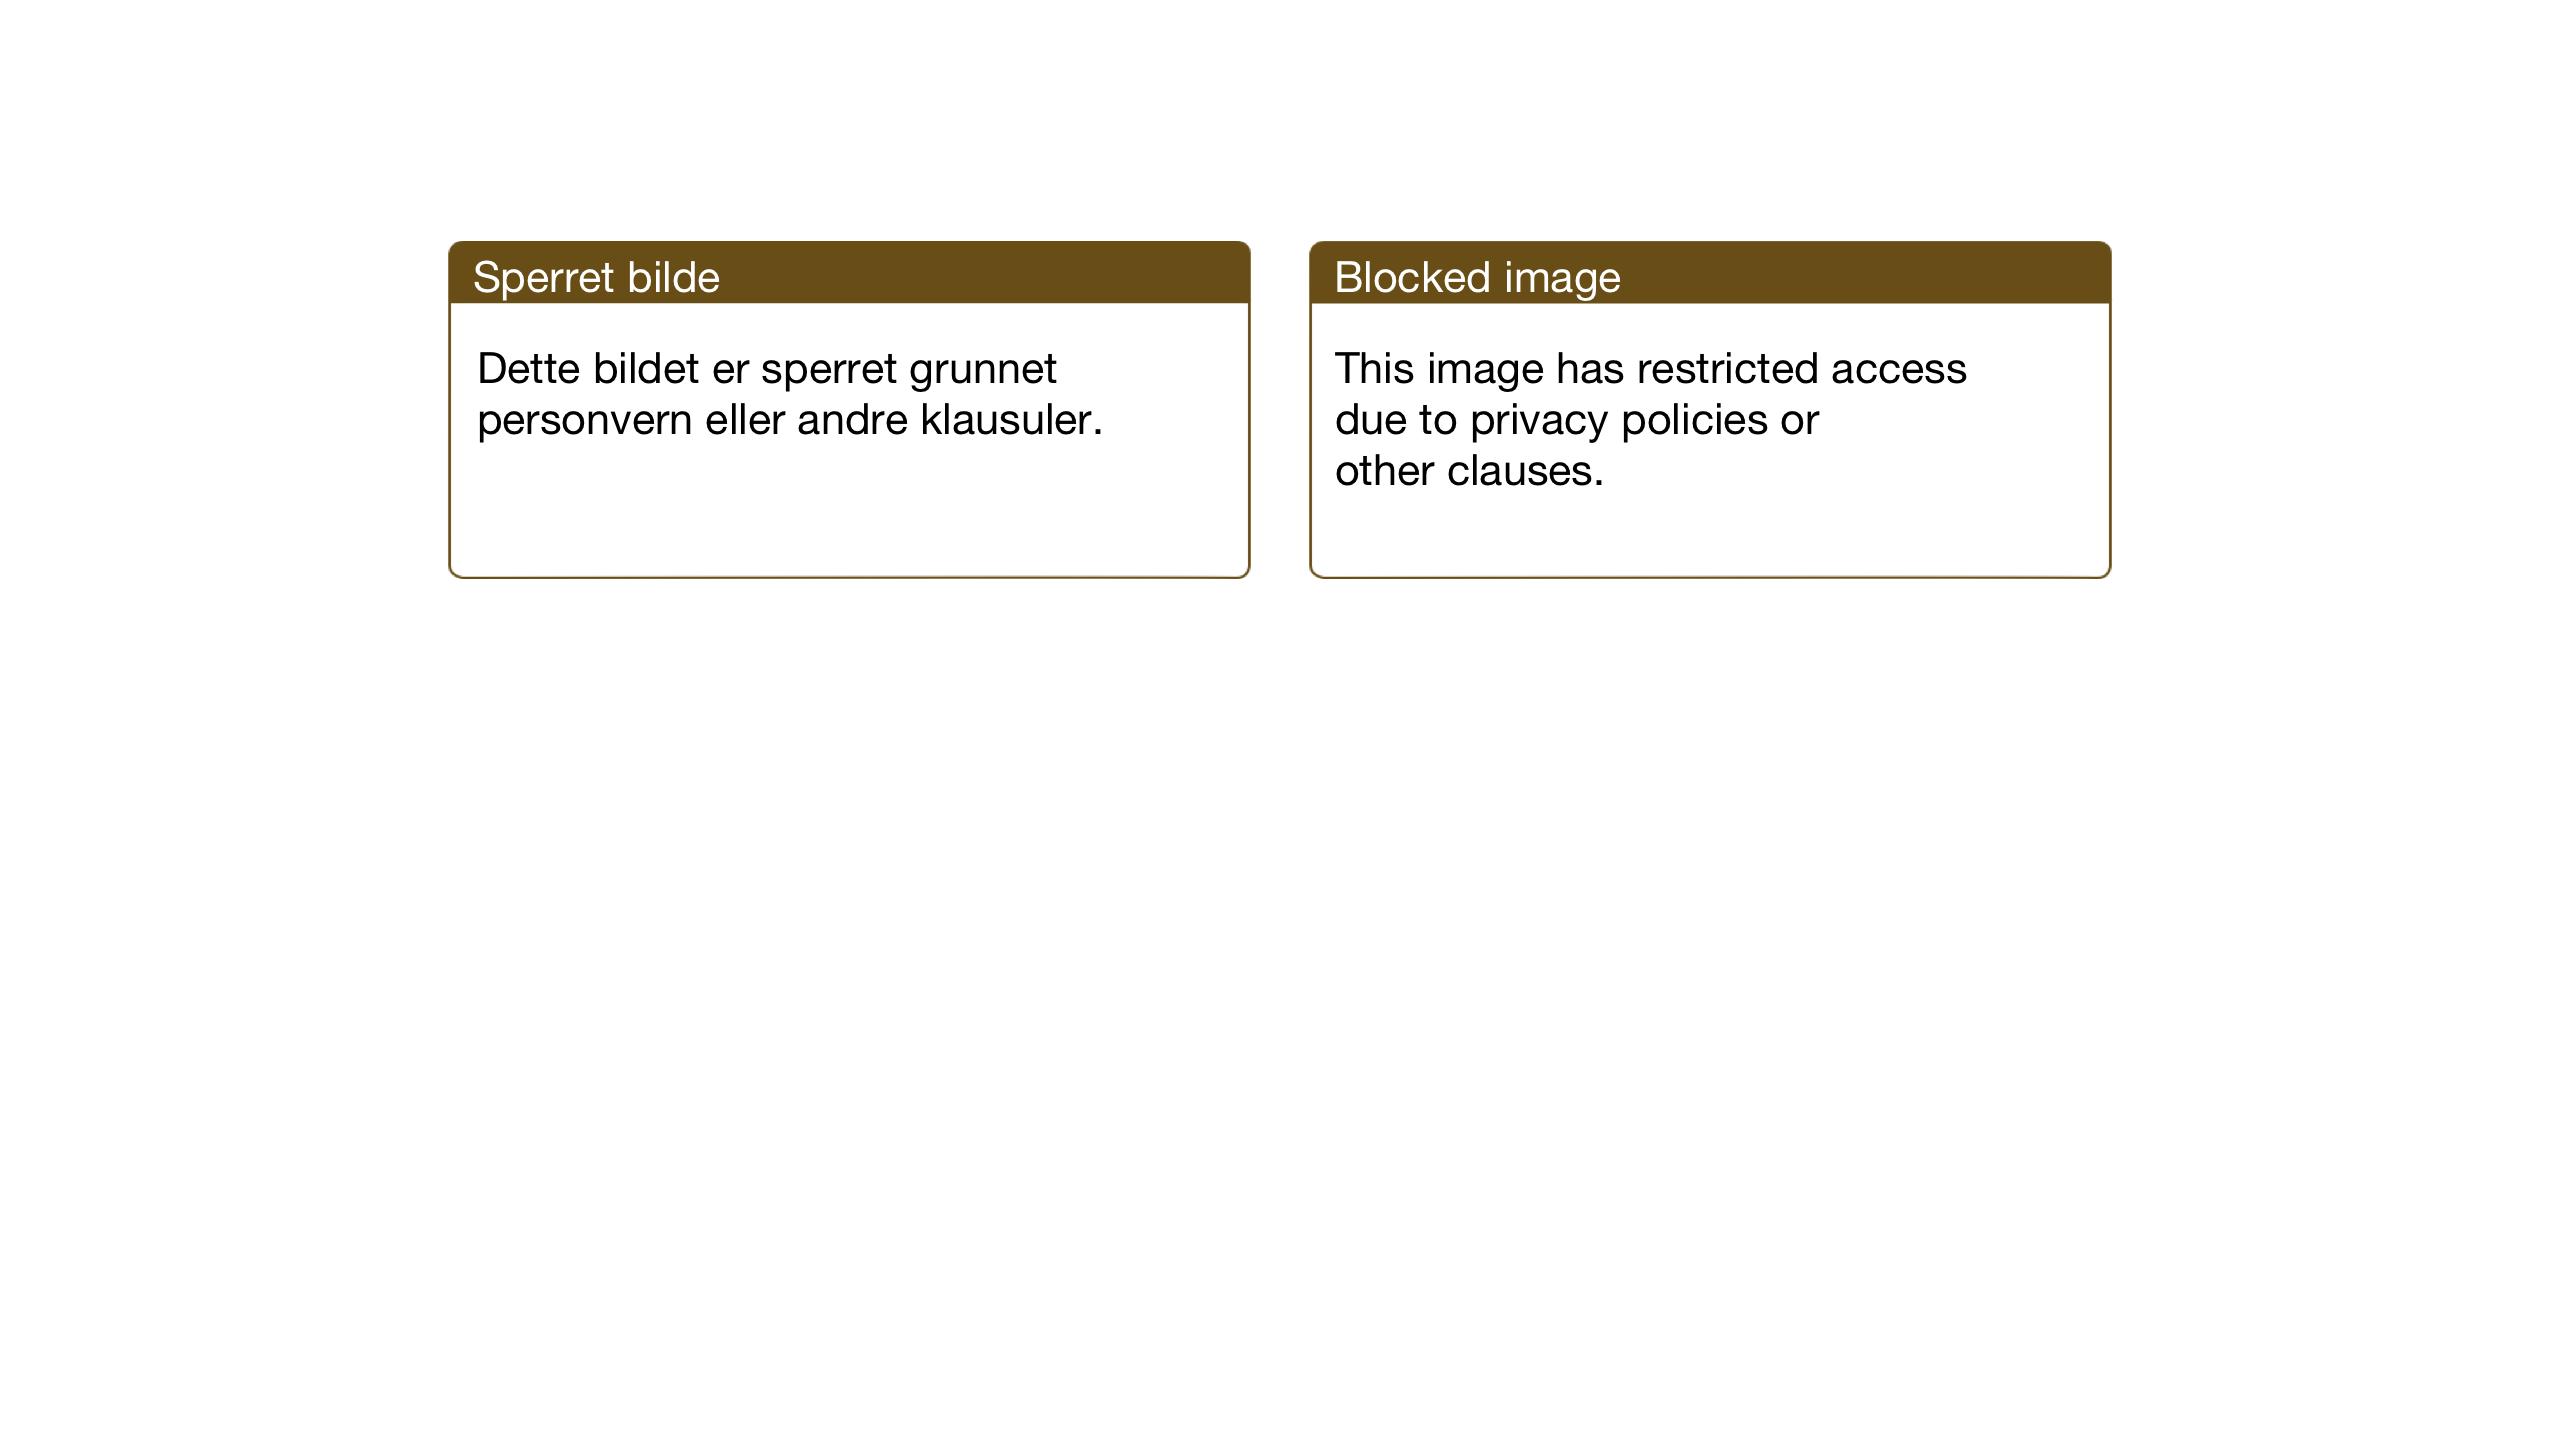 SAT, Ministerialprotokoller, klokkerbøker og fødselsregistre - Sør-Trøndelag, 607/L0327: Klokkerbok nr. 607C01, 1930-1939, s. 26